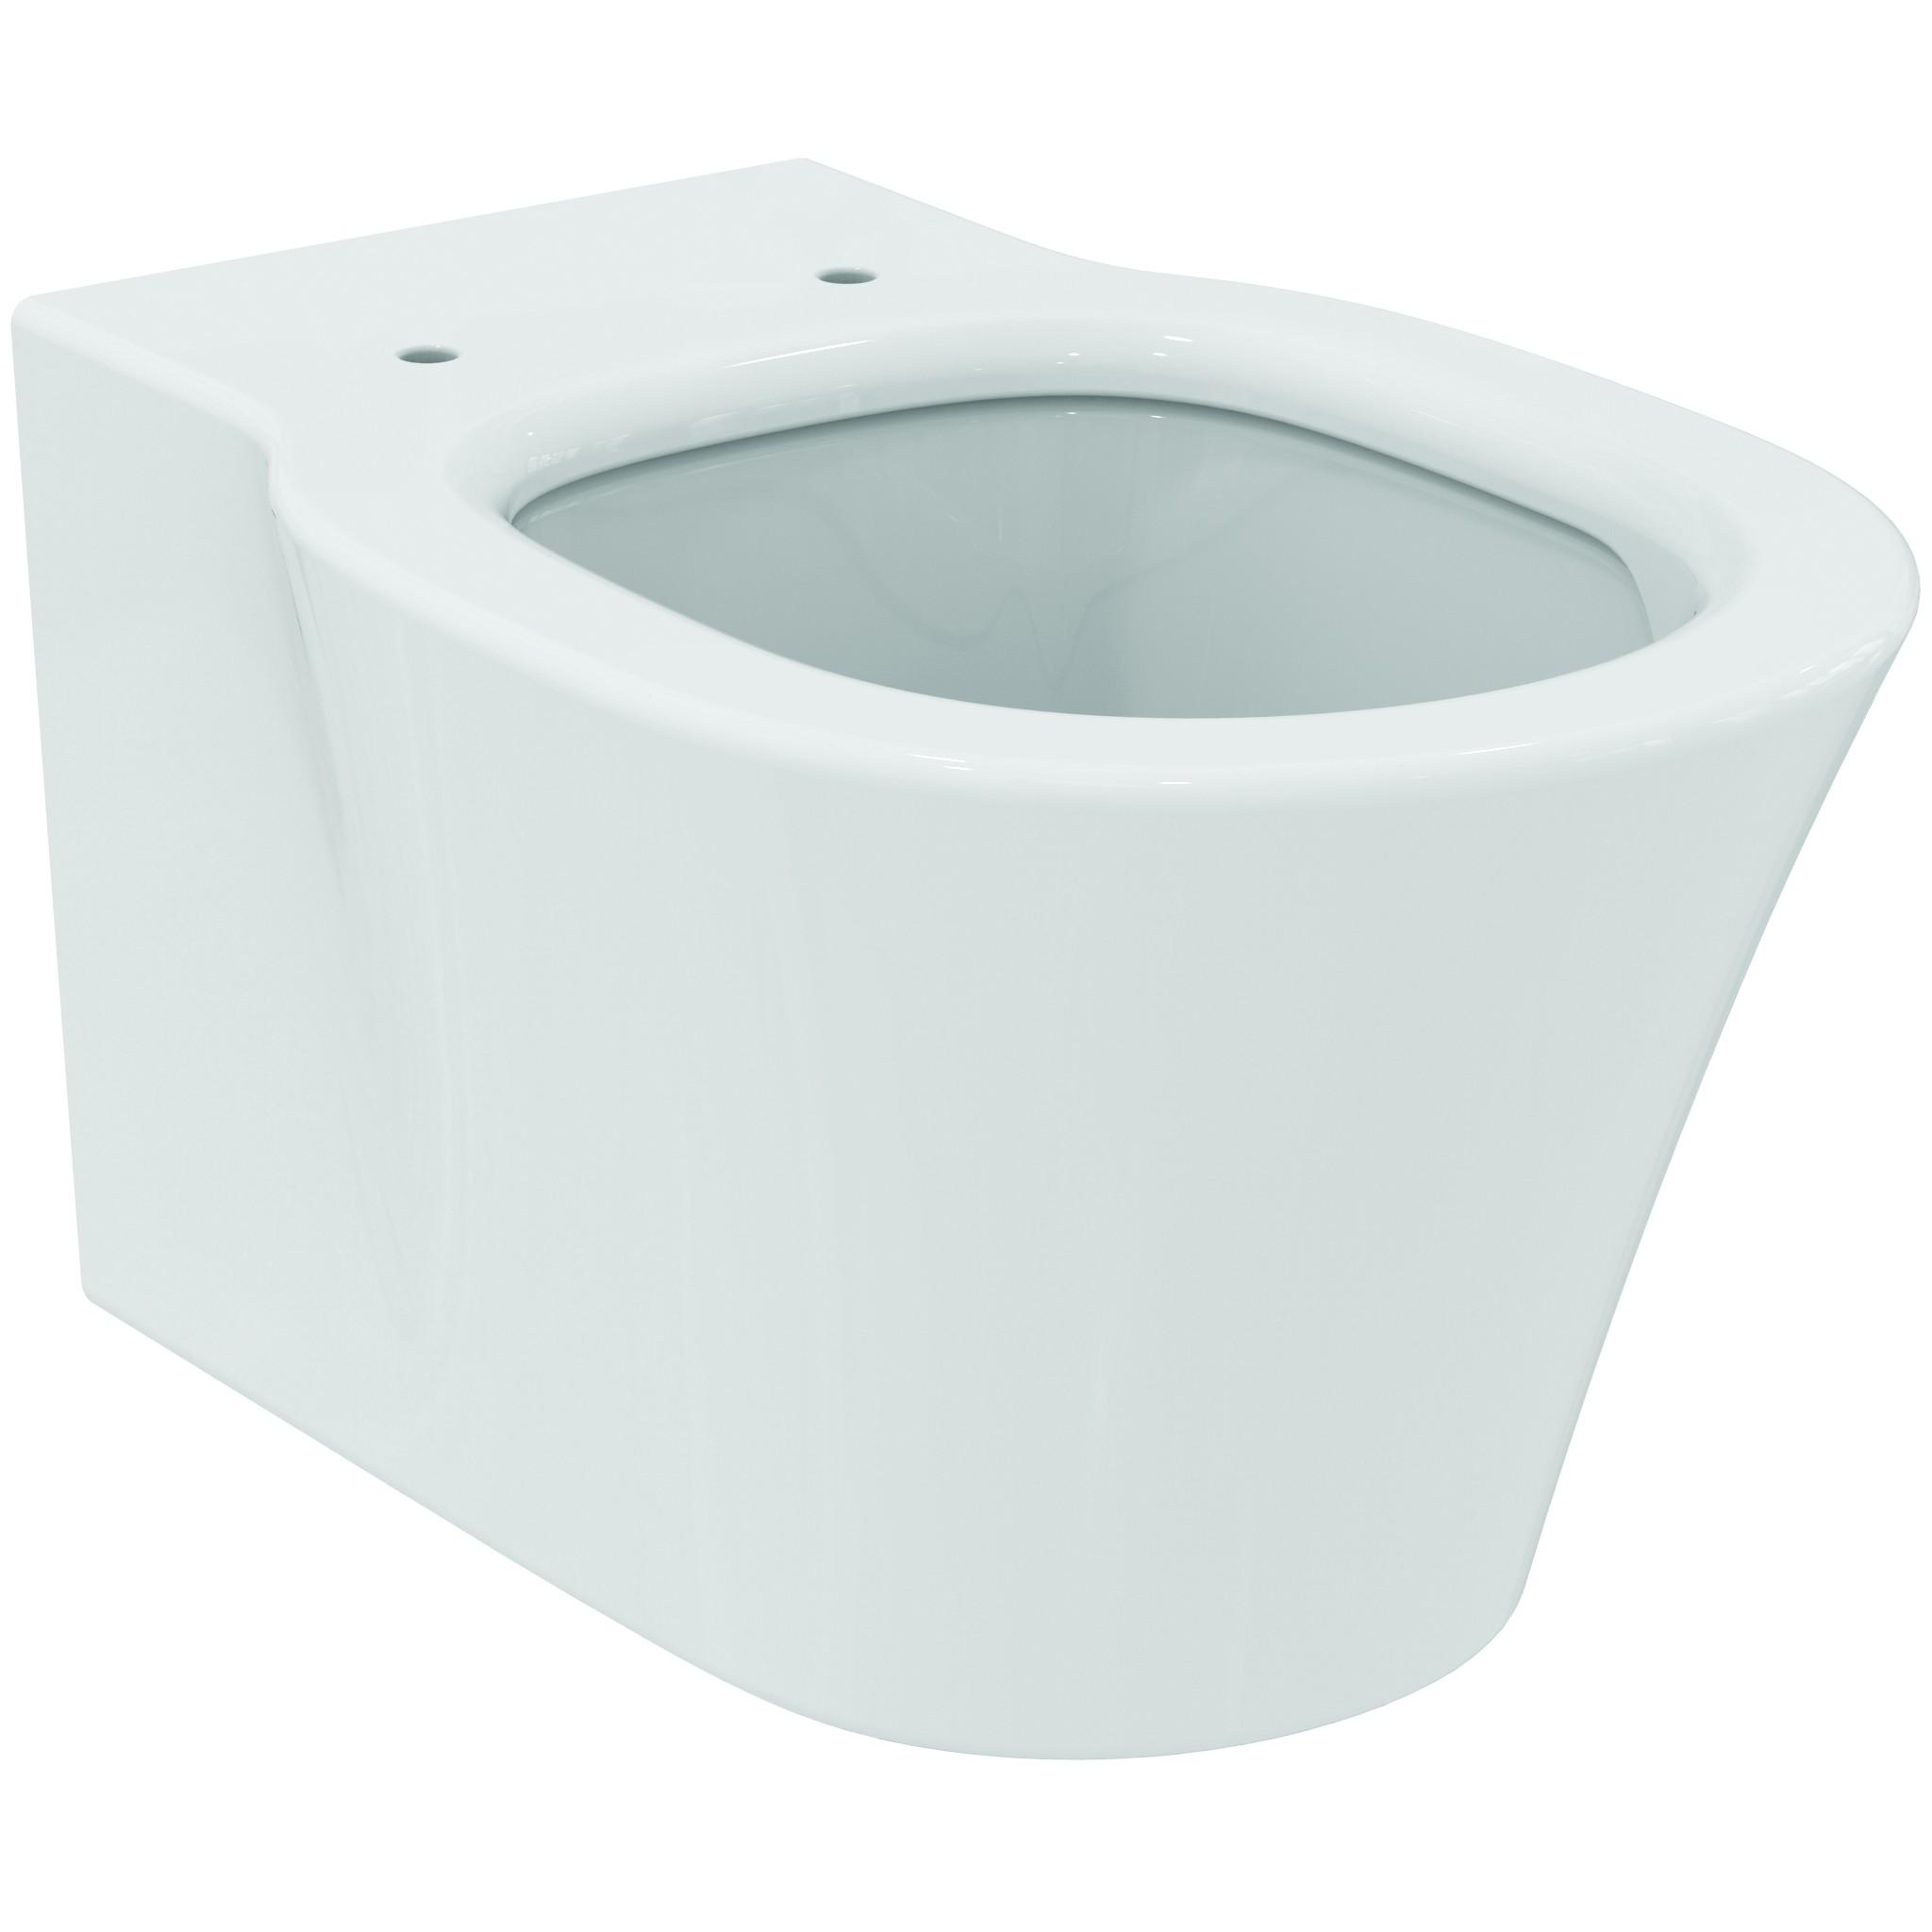 Vas WC suspendat Ideal Standard Connect Air AquaBlade imagine